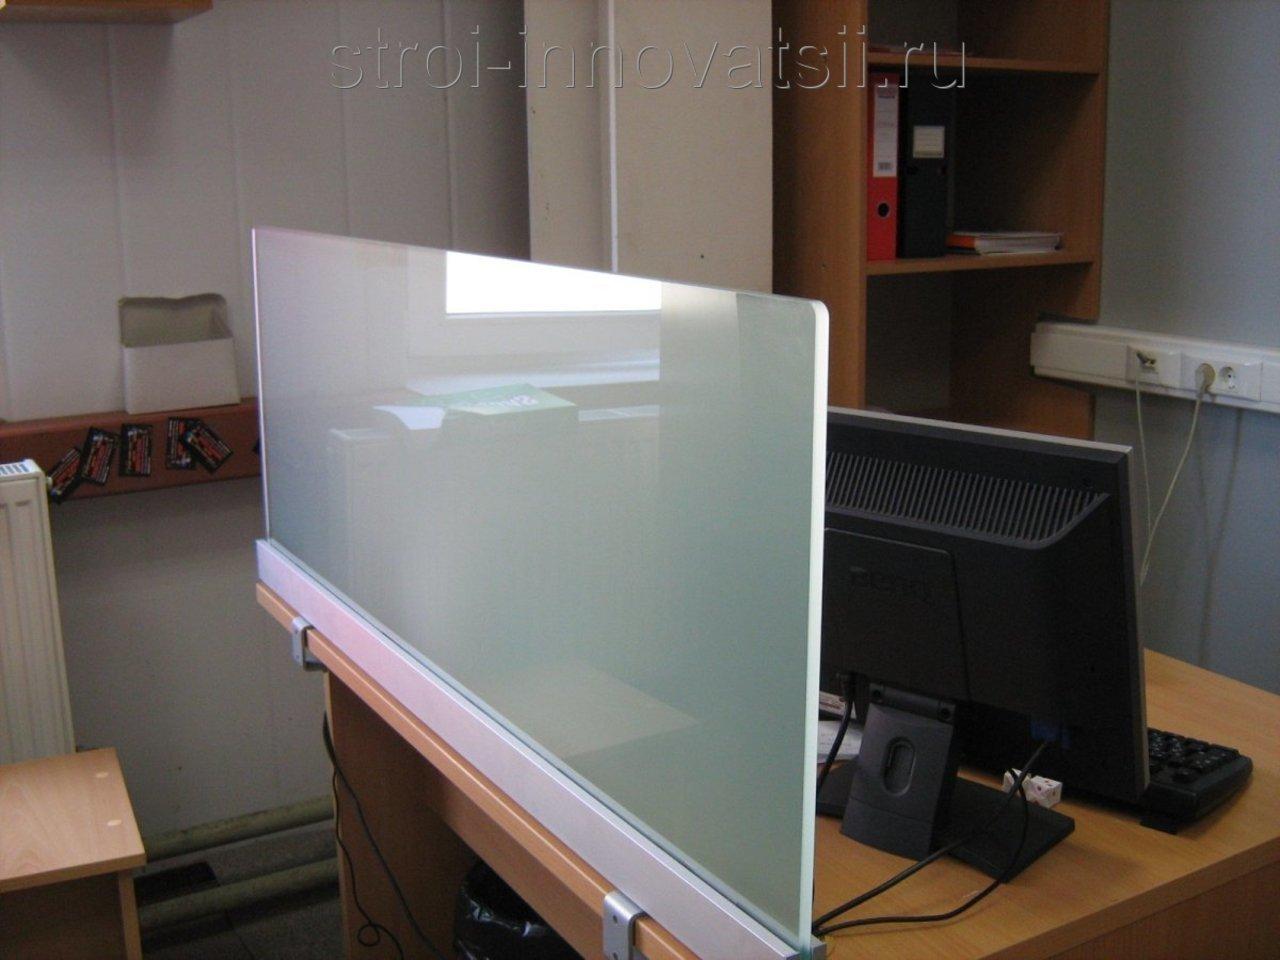 Офисная прозрачная перегородка между столами.